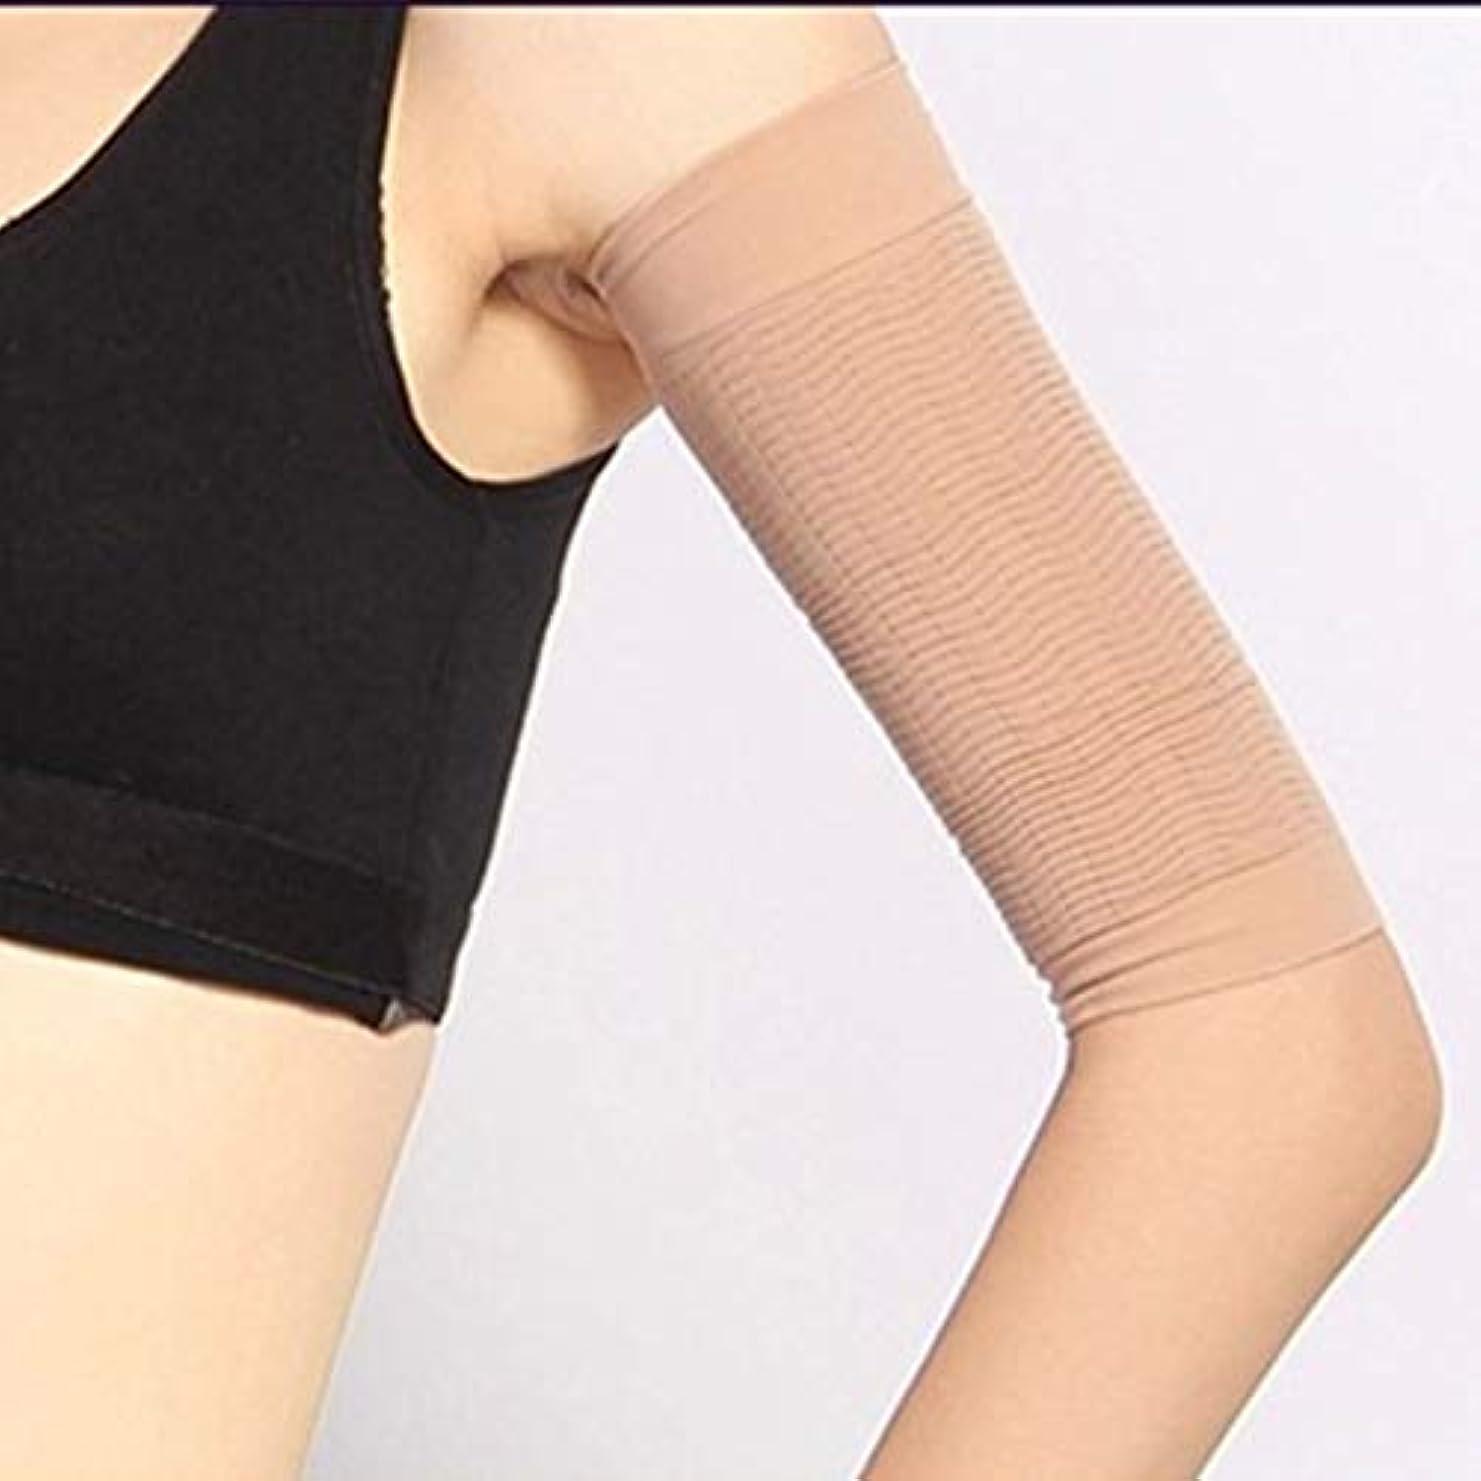 カニインゲン自我1ペア420 D圧縮痩身アームスリーブワークアウトトーニングバーンセルライトシェイパー脂肪燃焼袖用女性 - 肌色